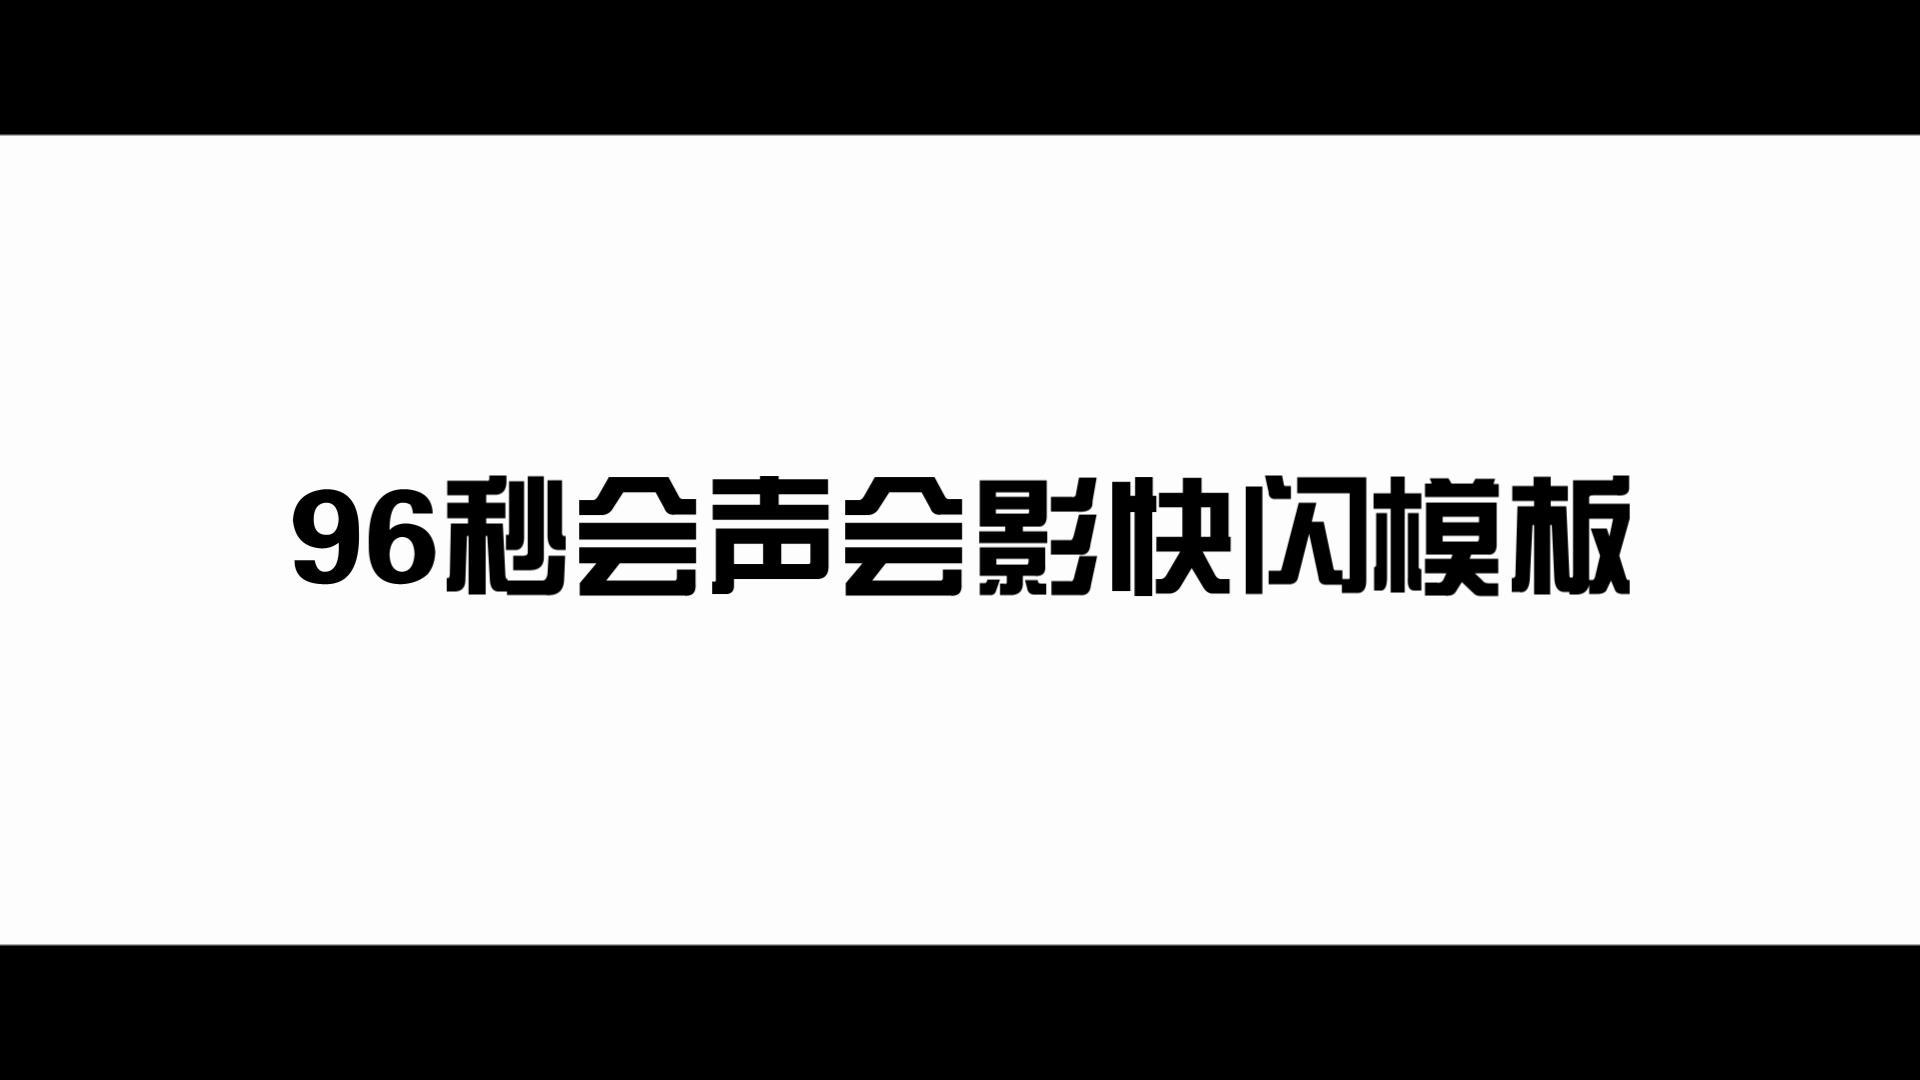 JOE-32 仿苹果发布会快节奏文字快闪